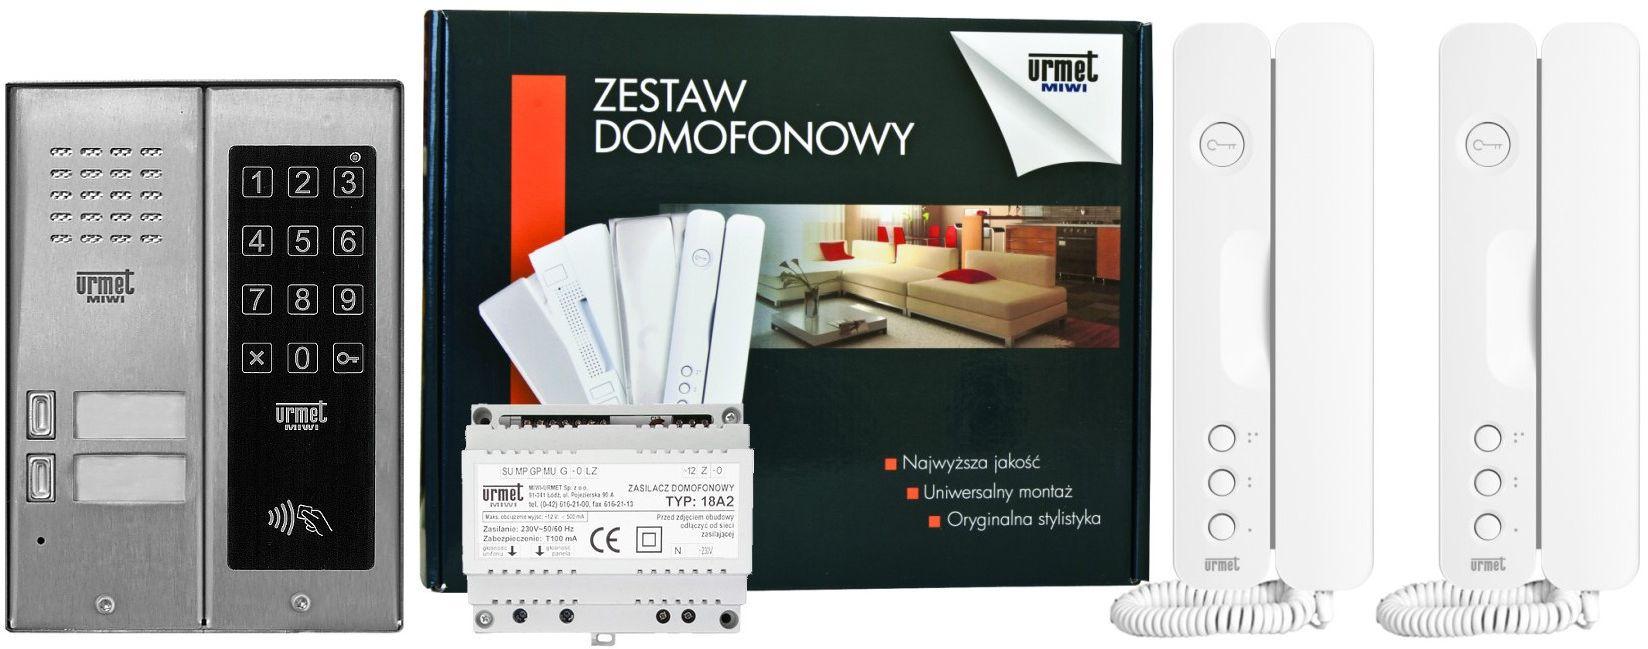 Zestaw domofonowy 5025/402-ZK-RF MIWI-URMET